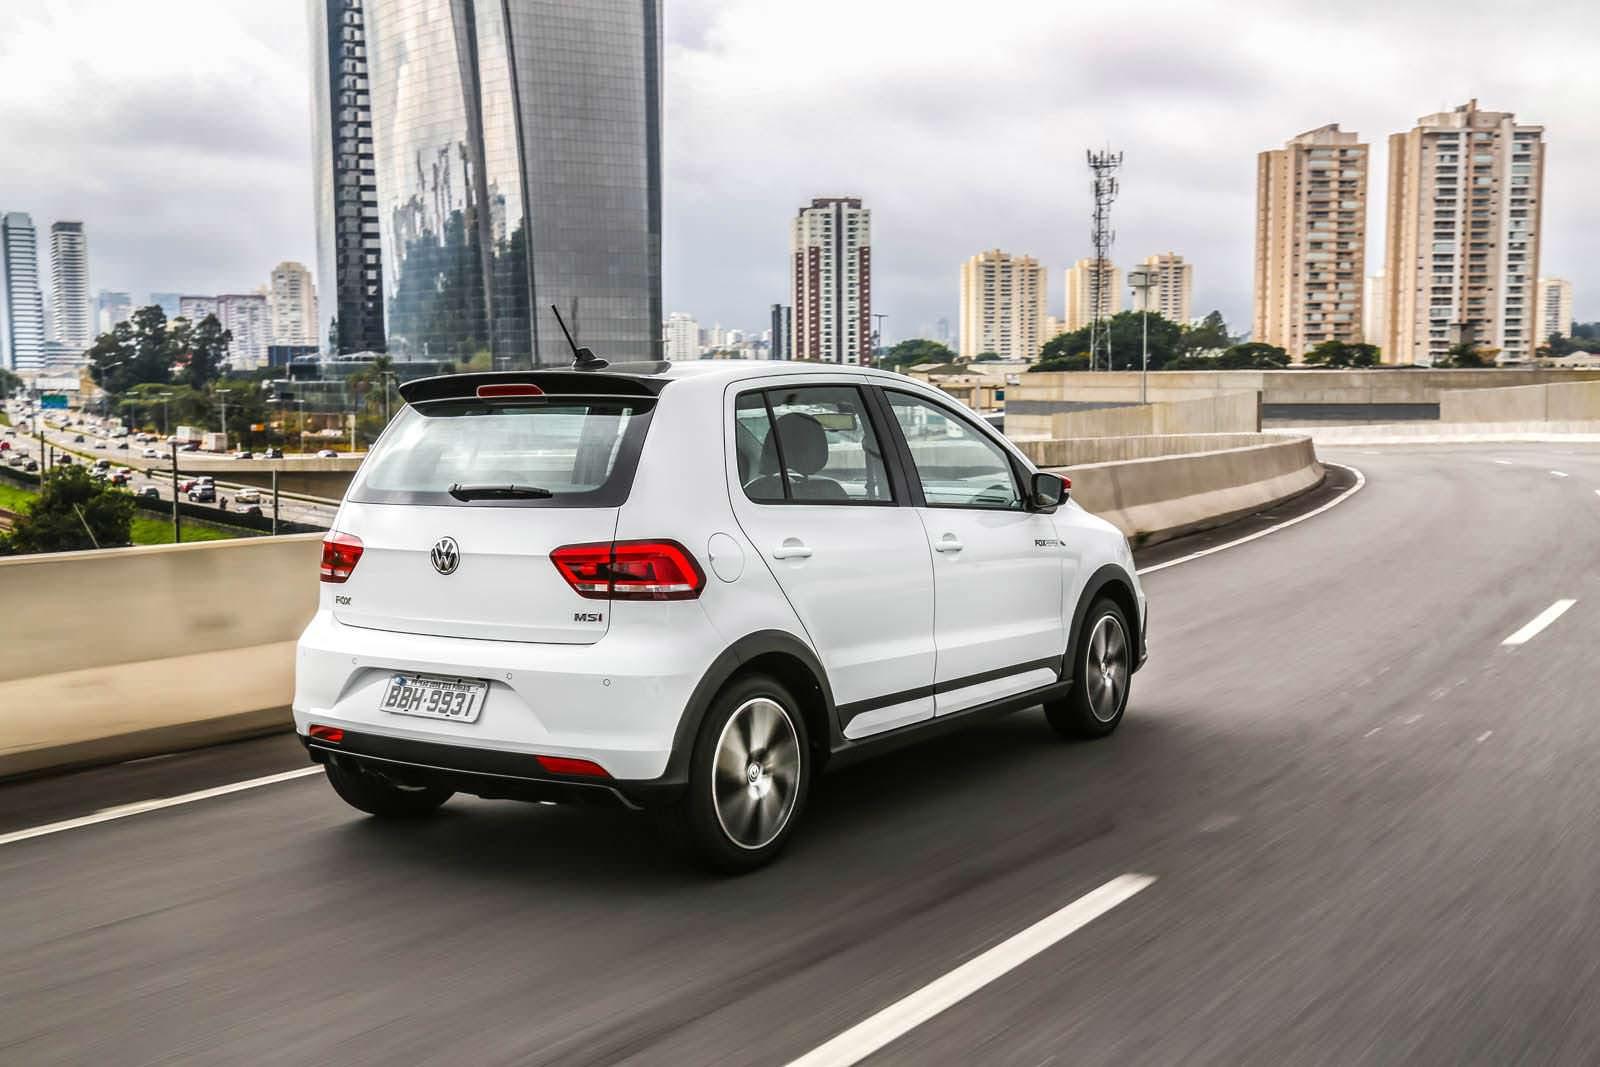 Хэтчбек Volkswagen Fox Pepper для Бразилии